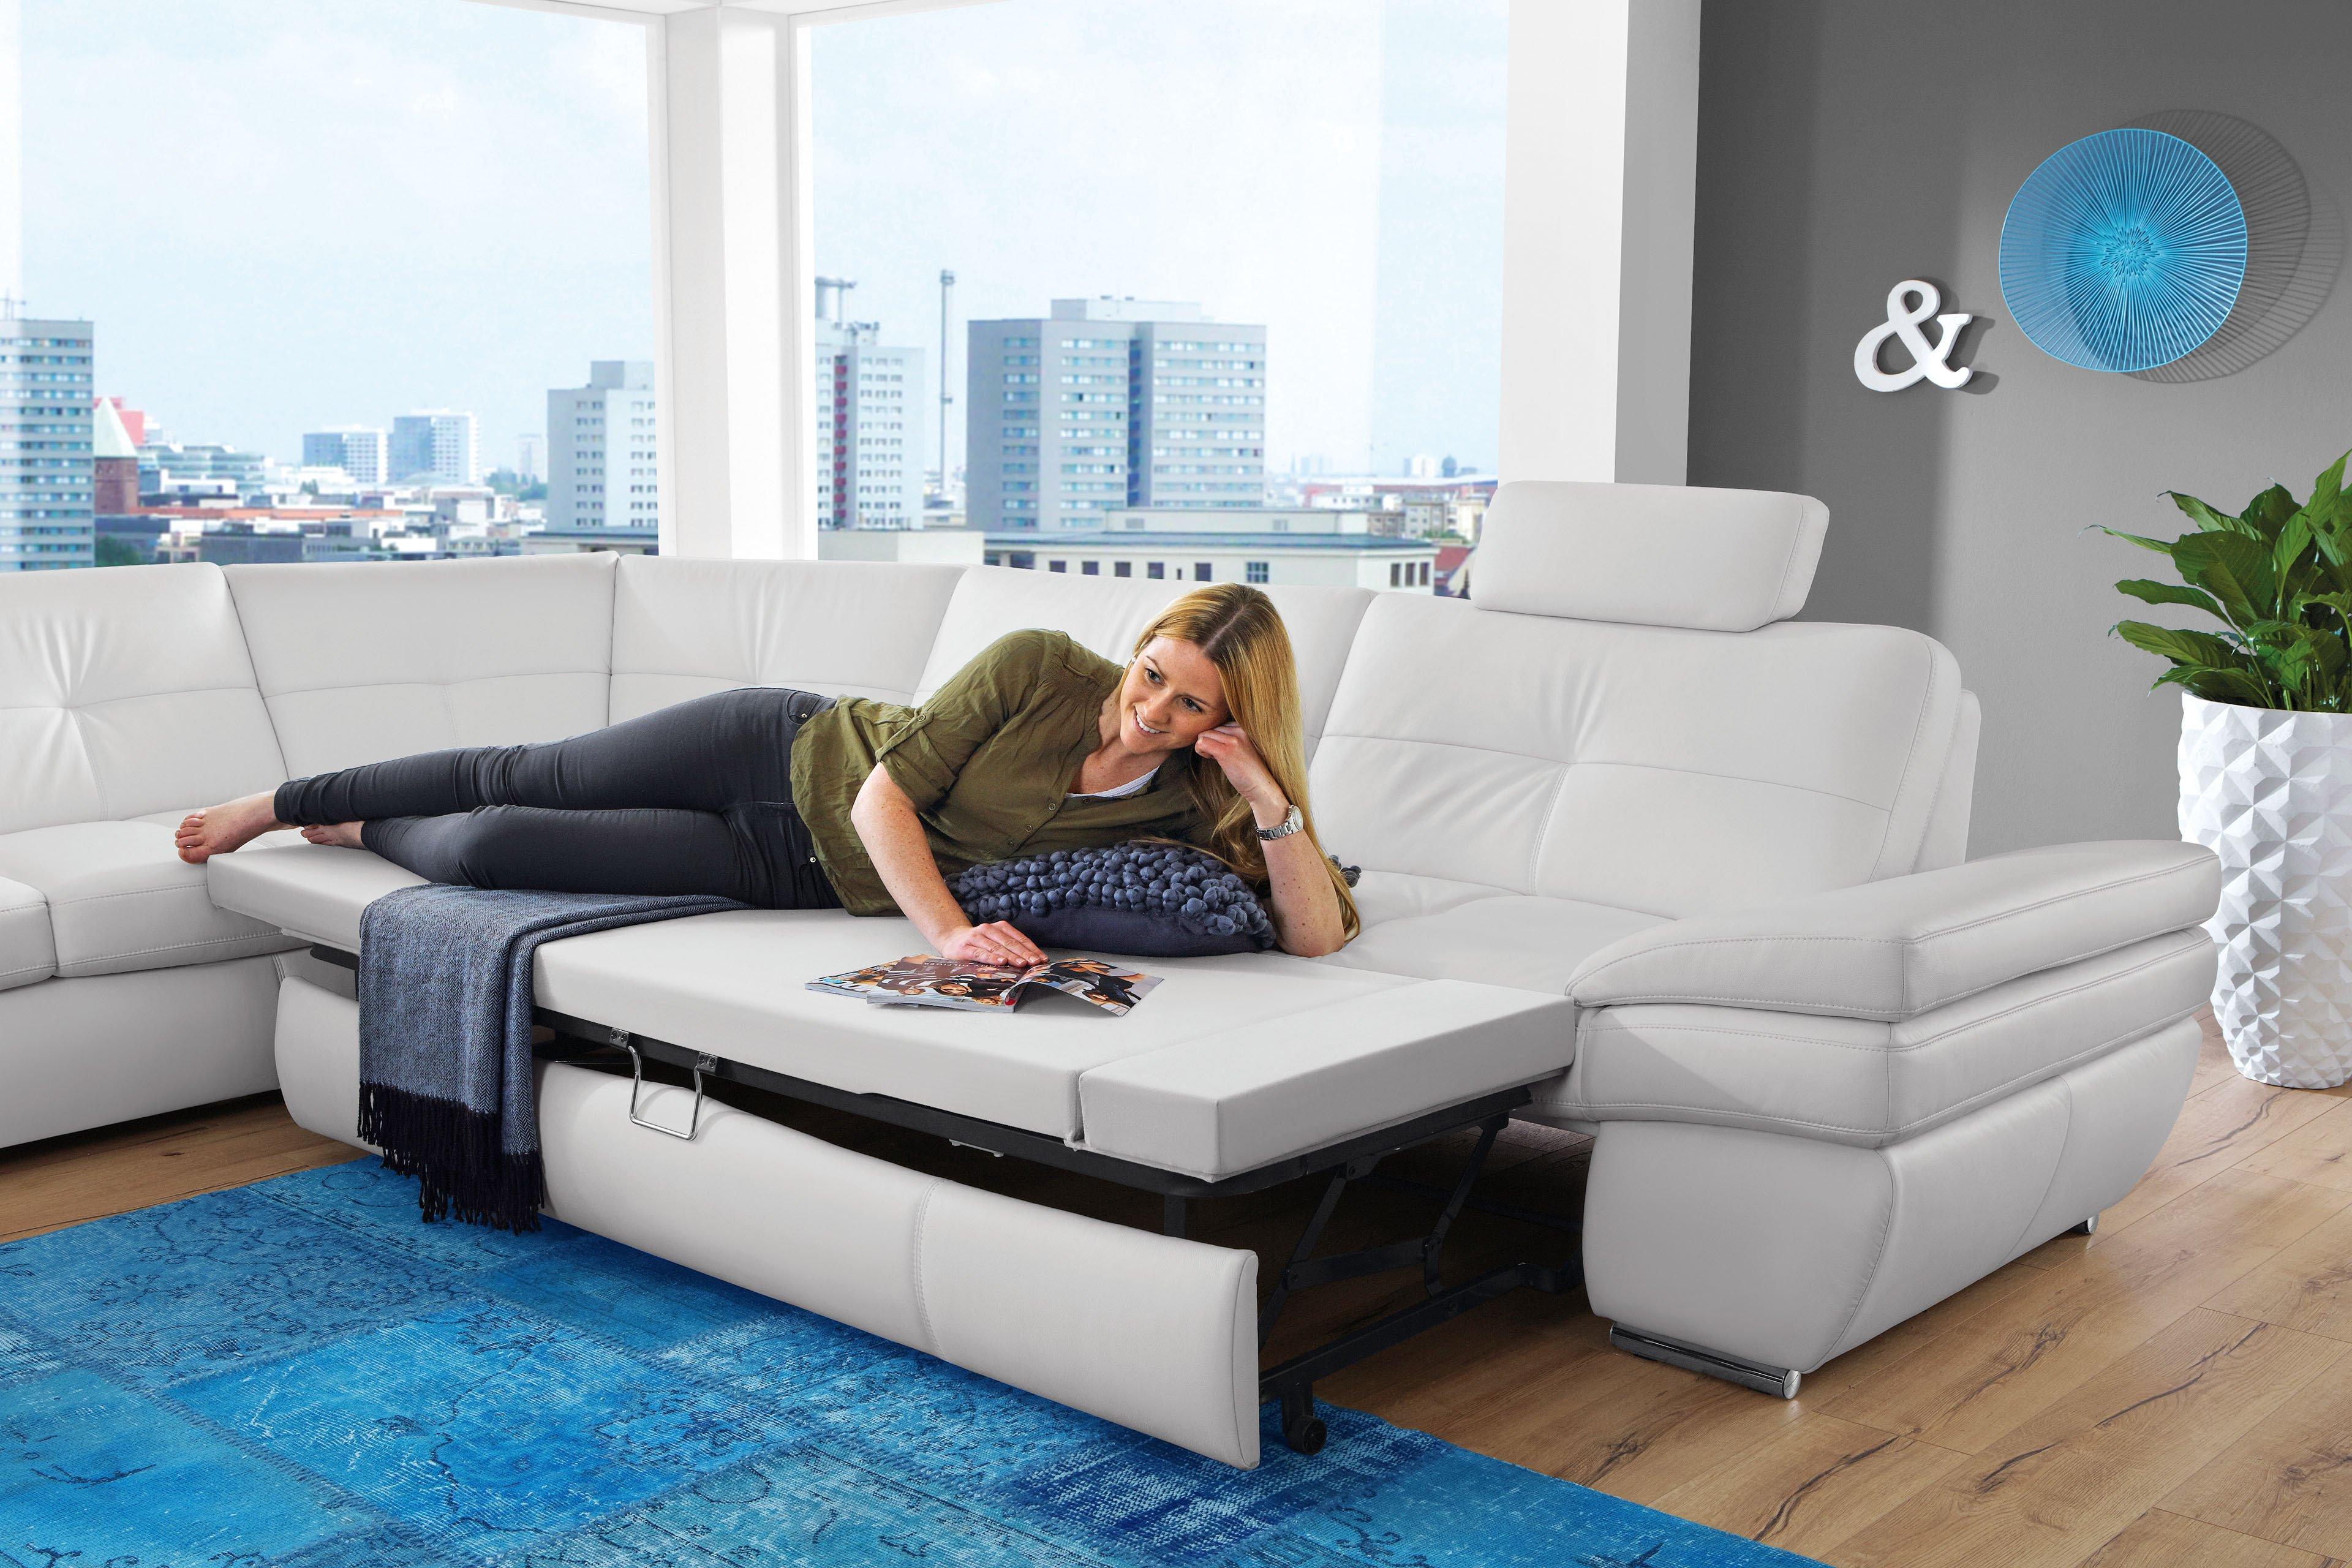 Ledergarnitur Accento von Polsteria | Möbel Letz - Ihr Online-Shop